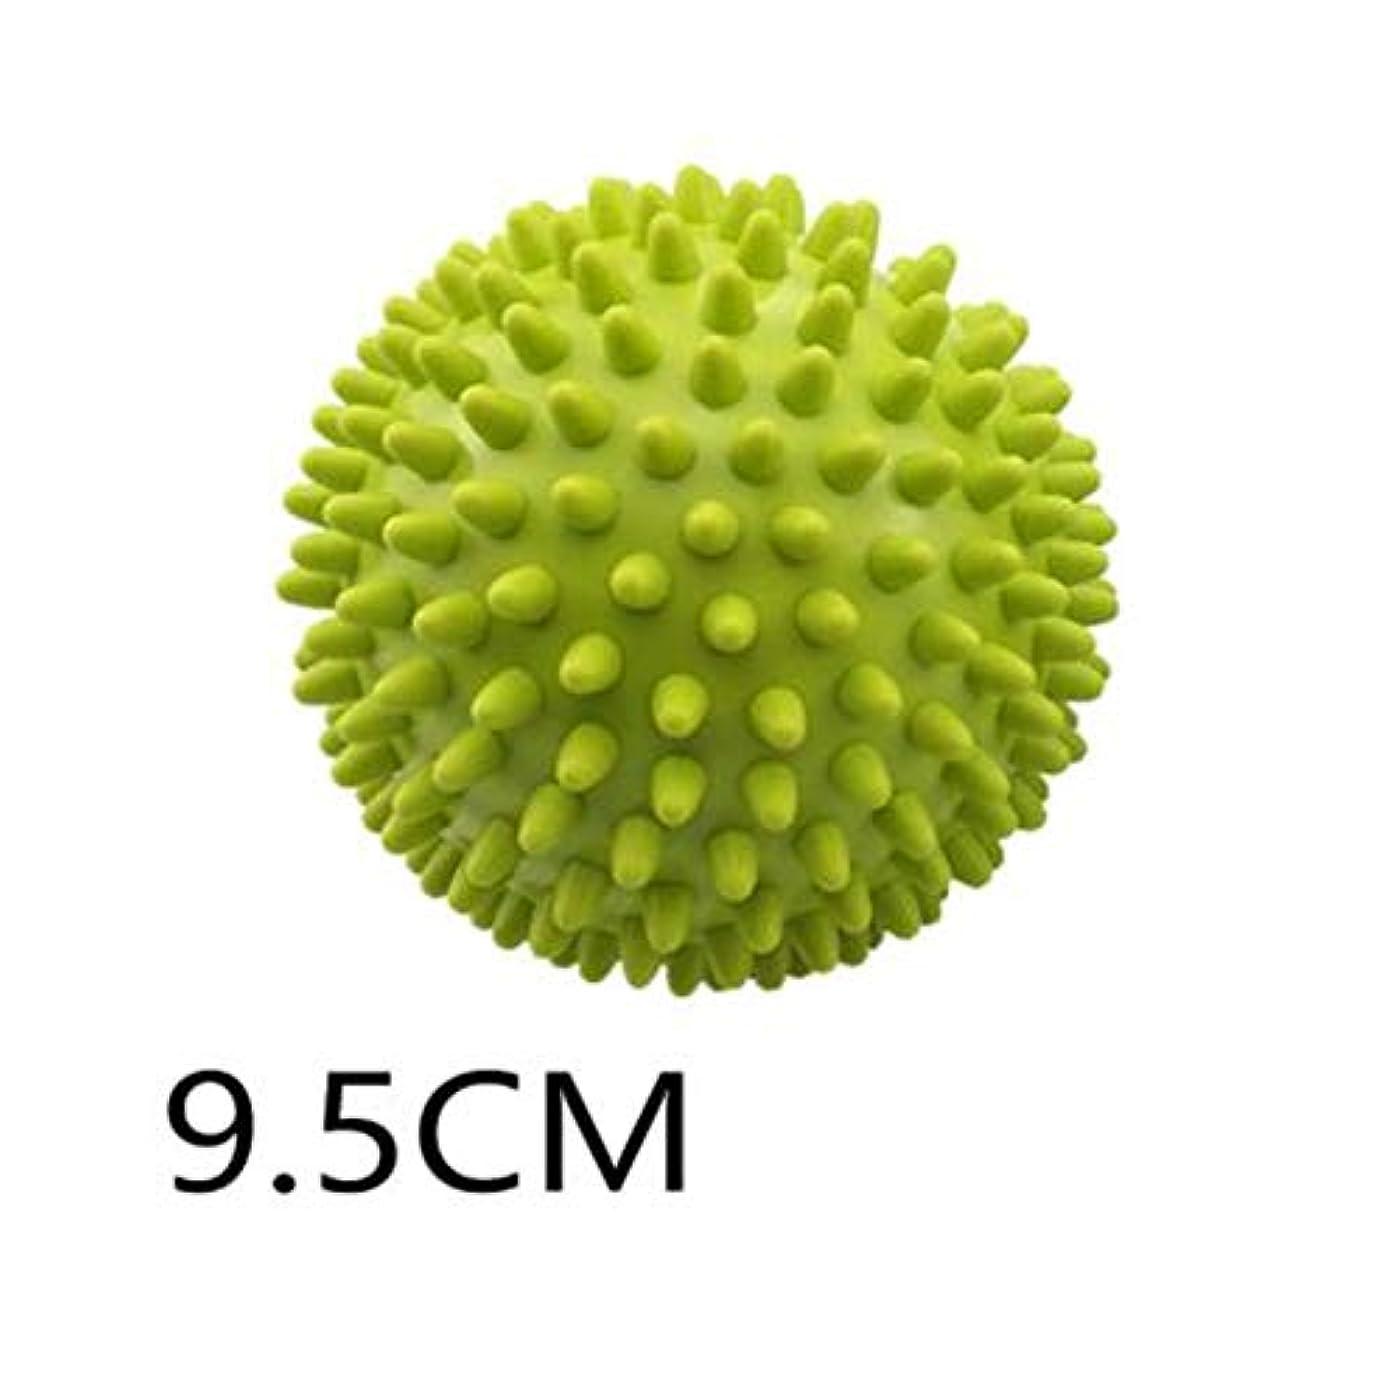 差し控えるナースデンプシーとげのボール - グリーン